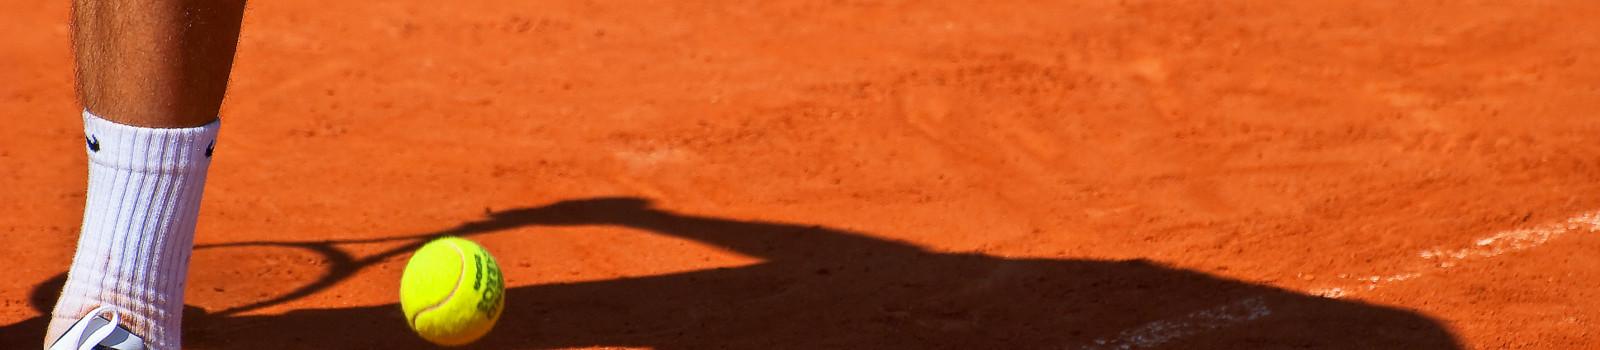 Les Internationaux de France, Tournoi de Roland-Garros, Paris, France 2009